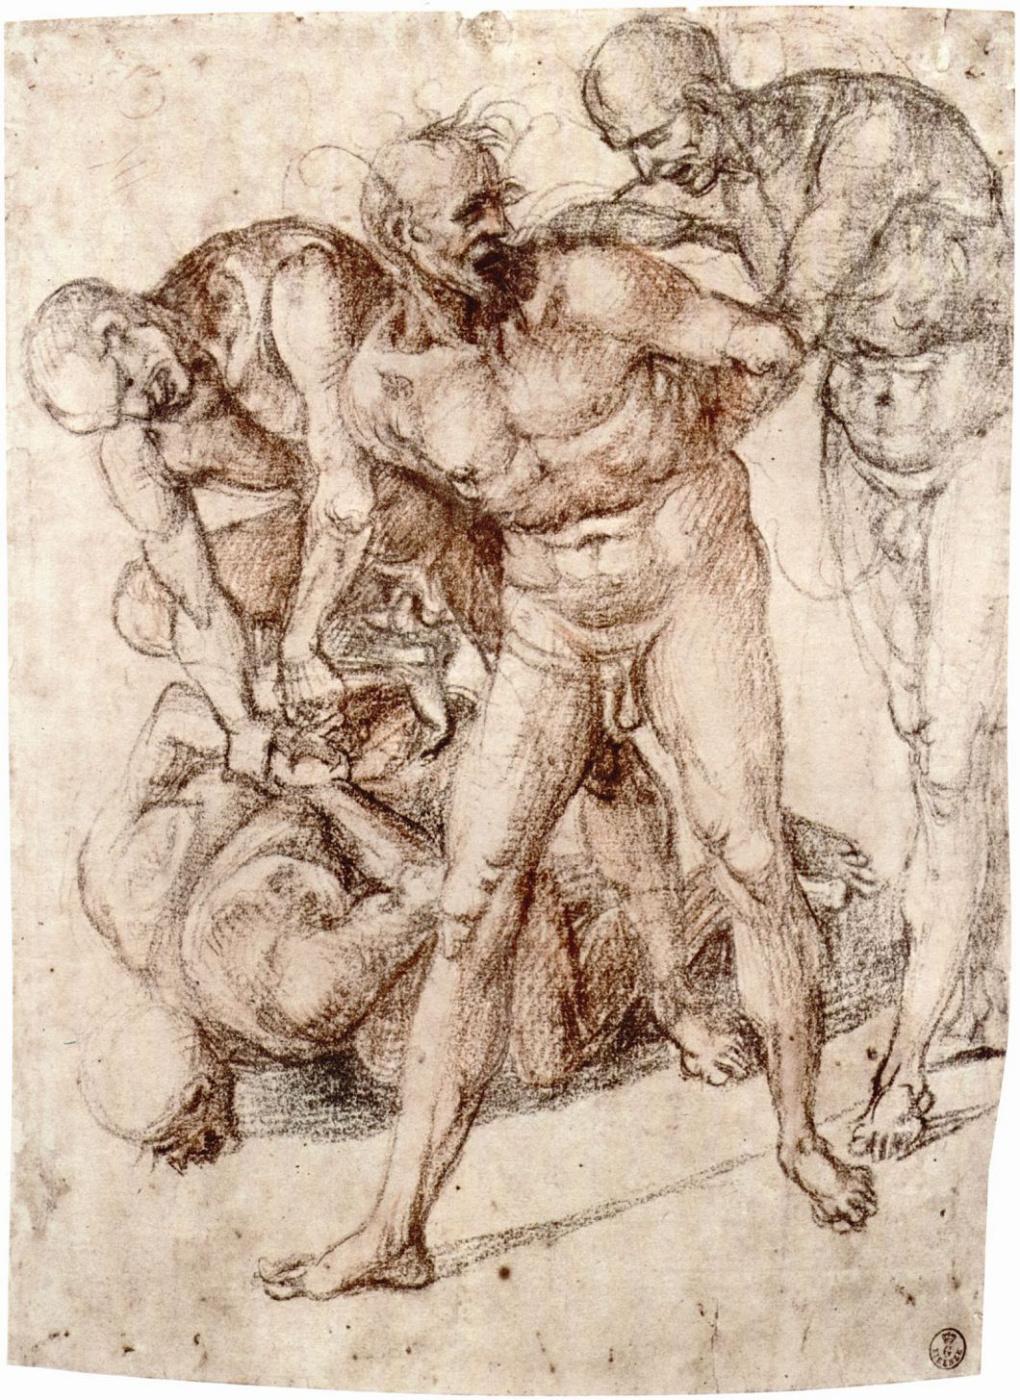 Luke Signorelli. Naked, bind the captives